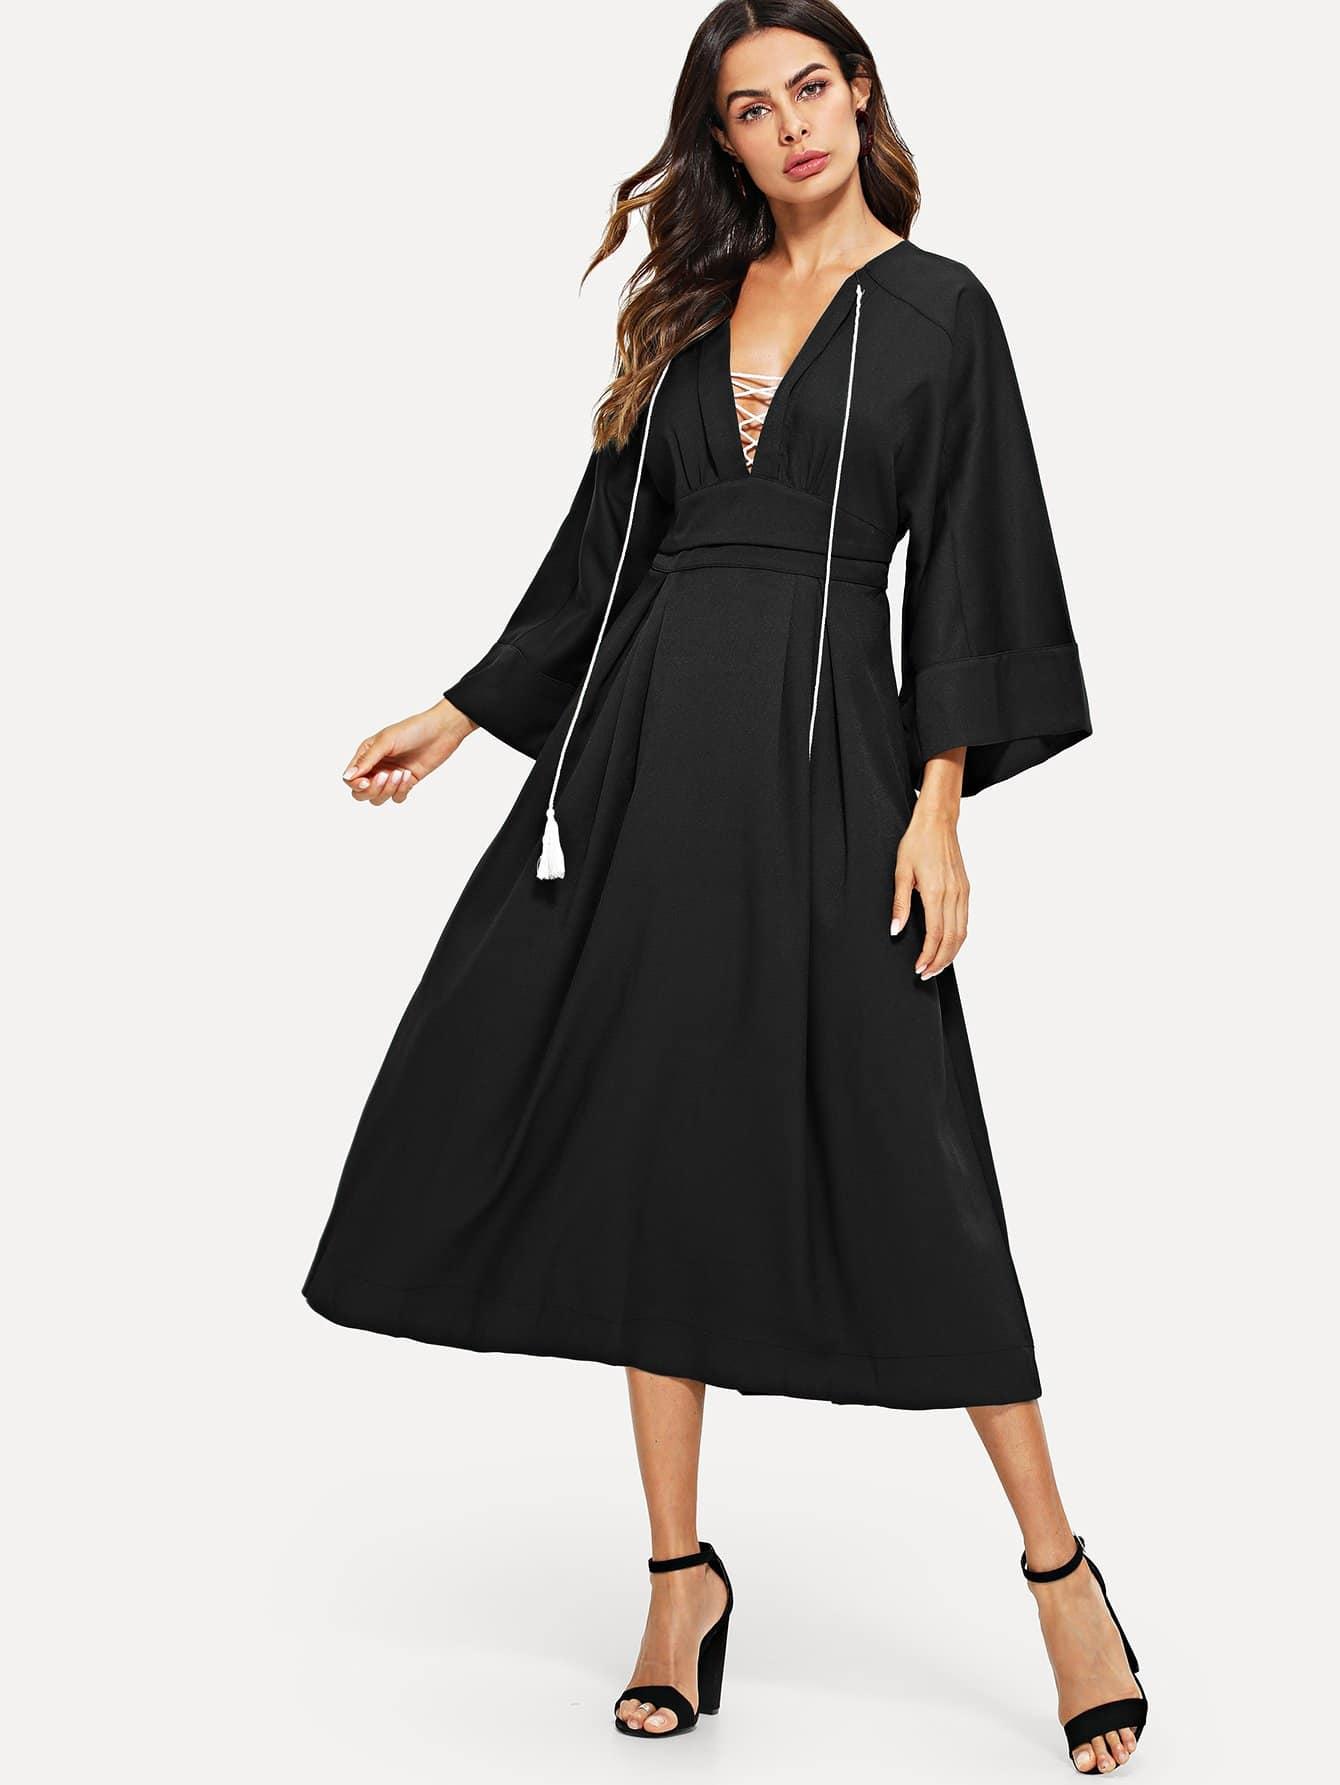 Купить Plunging платье и воротник с кистями и рукава кимоно, Andy, SheIn